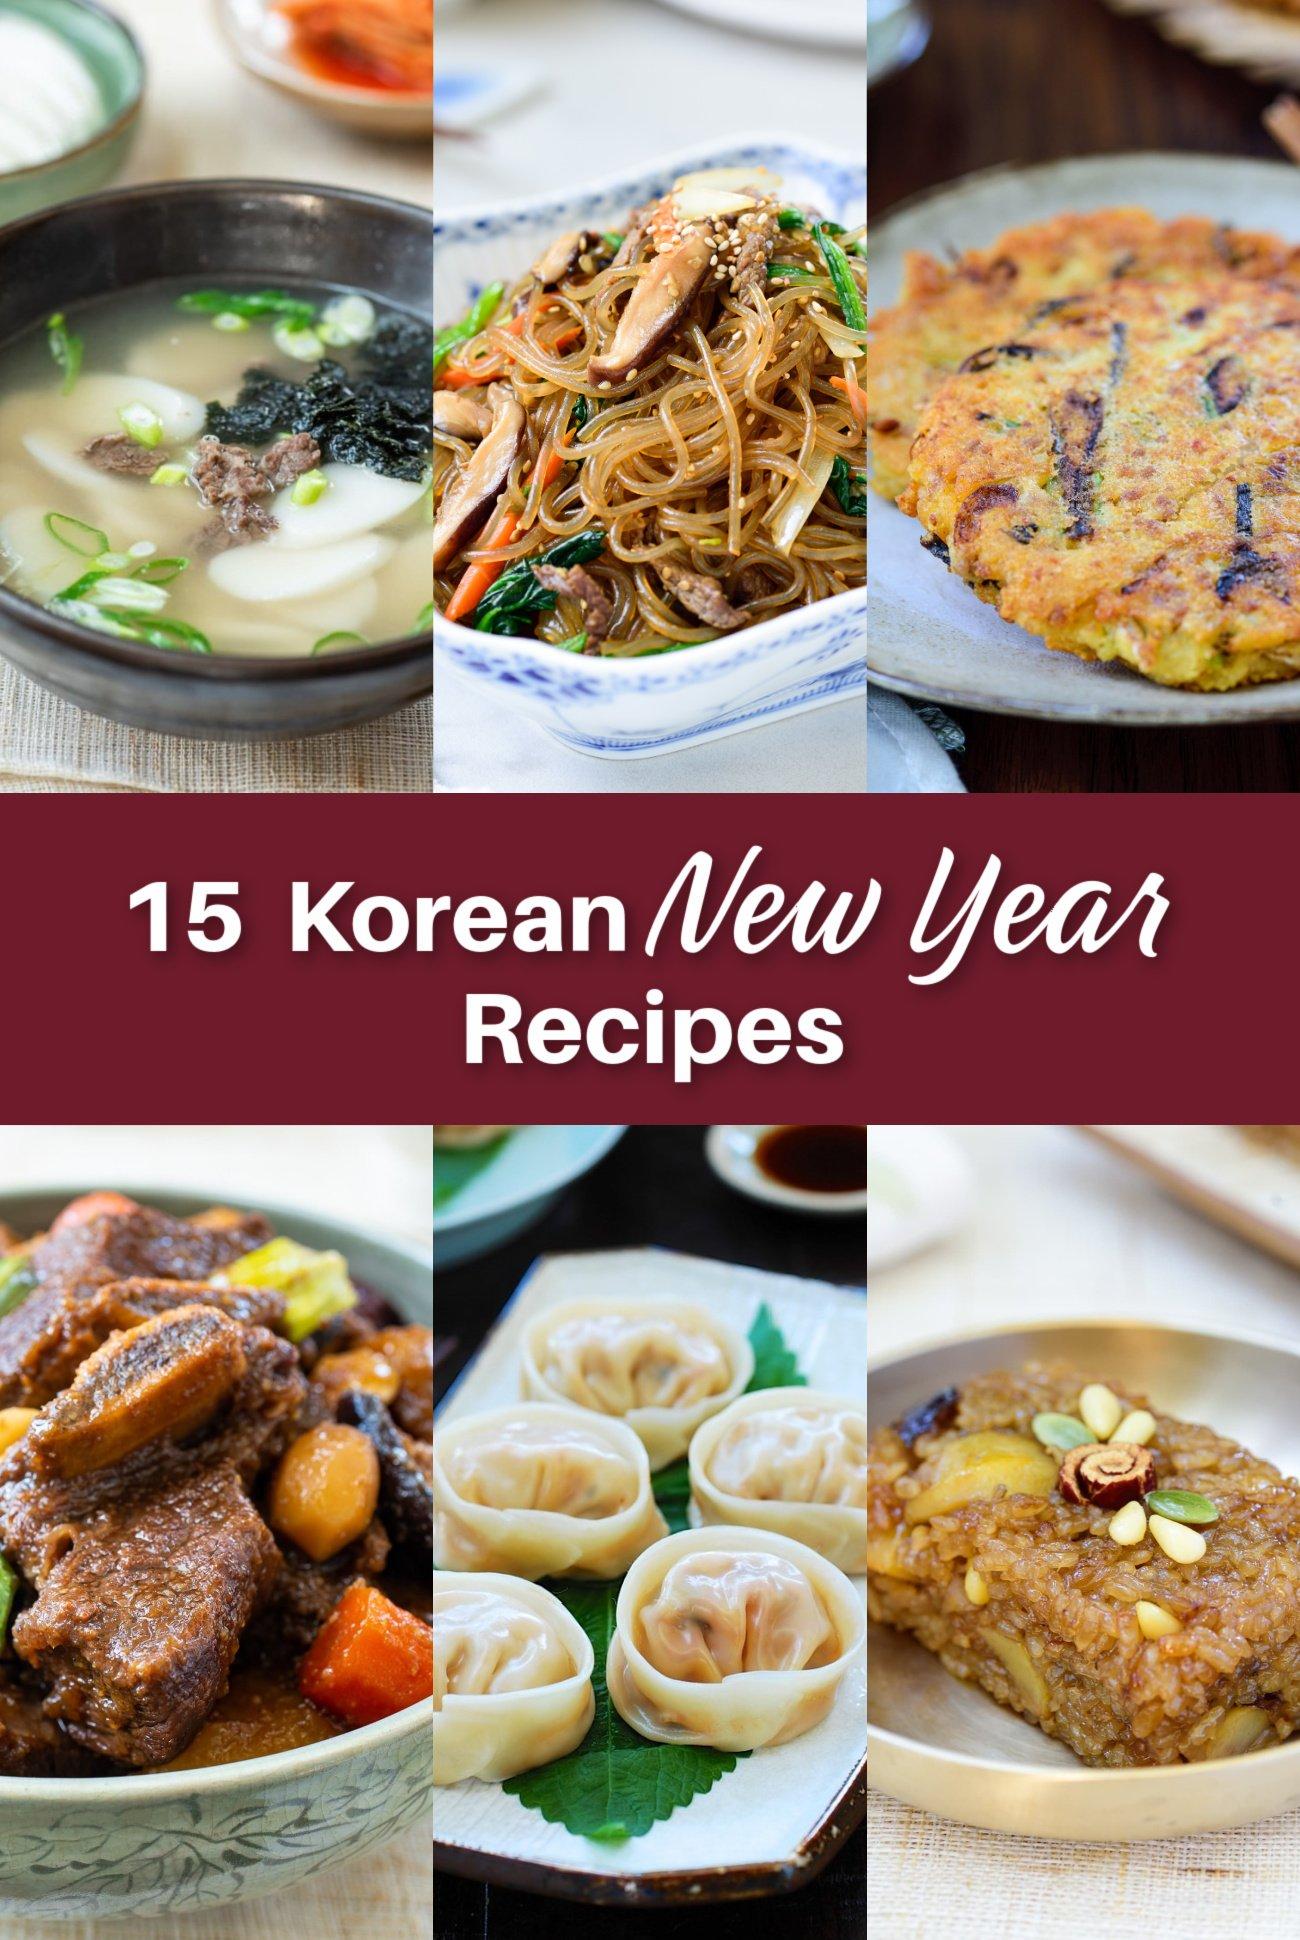 Blank 1300 x 1940 1 - 15 Korean New Year Recipes